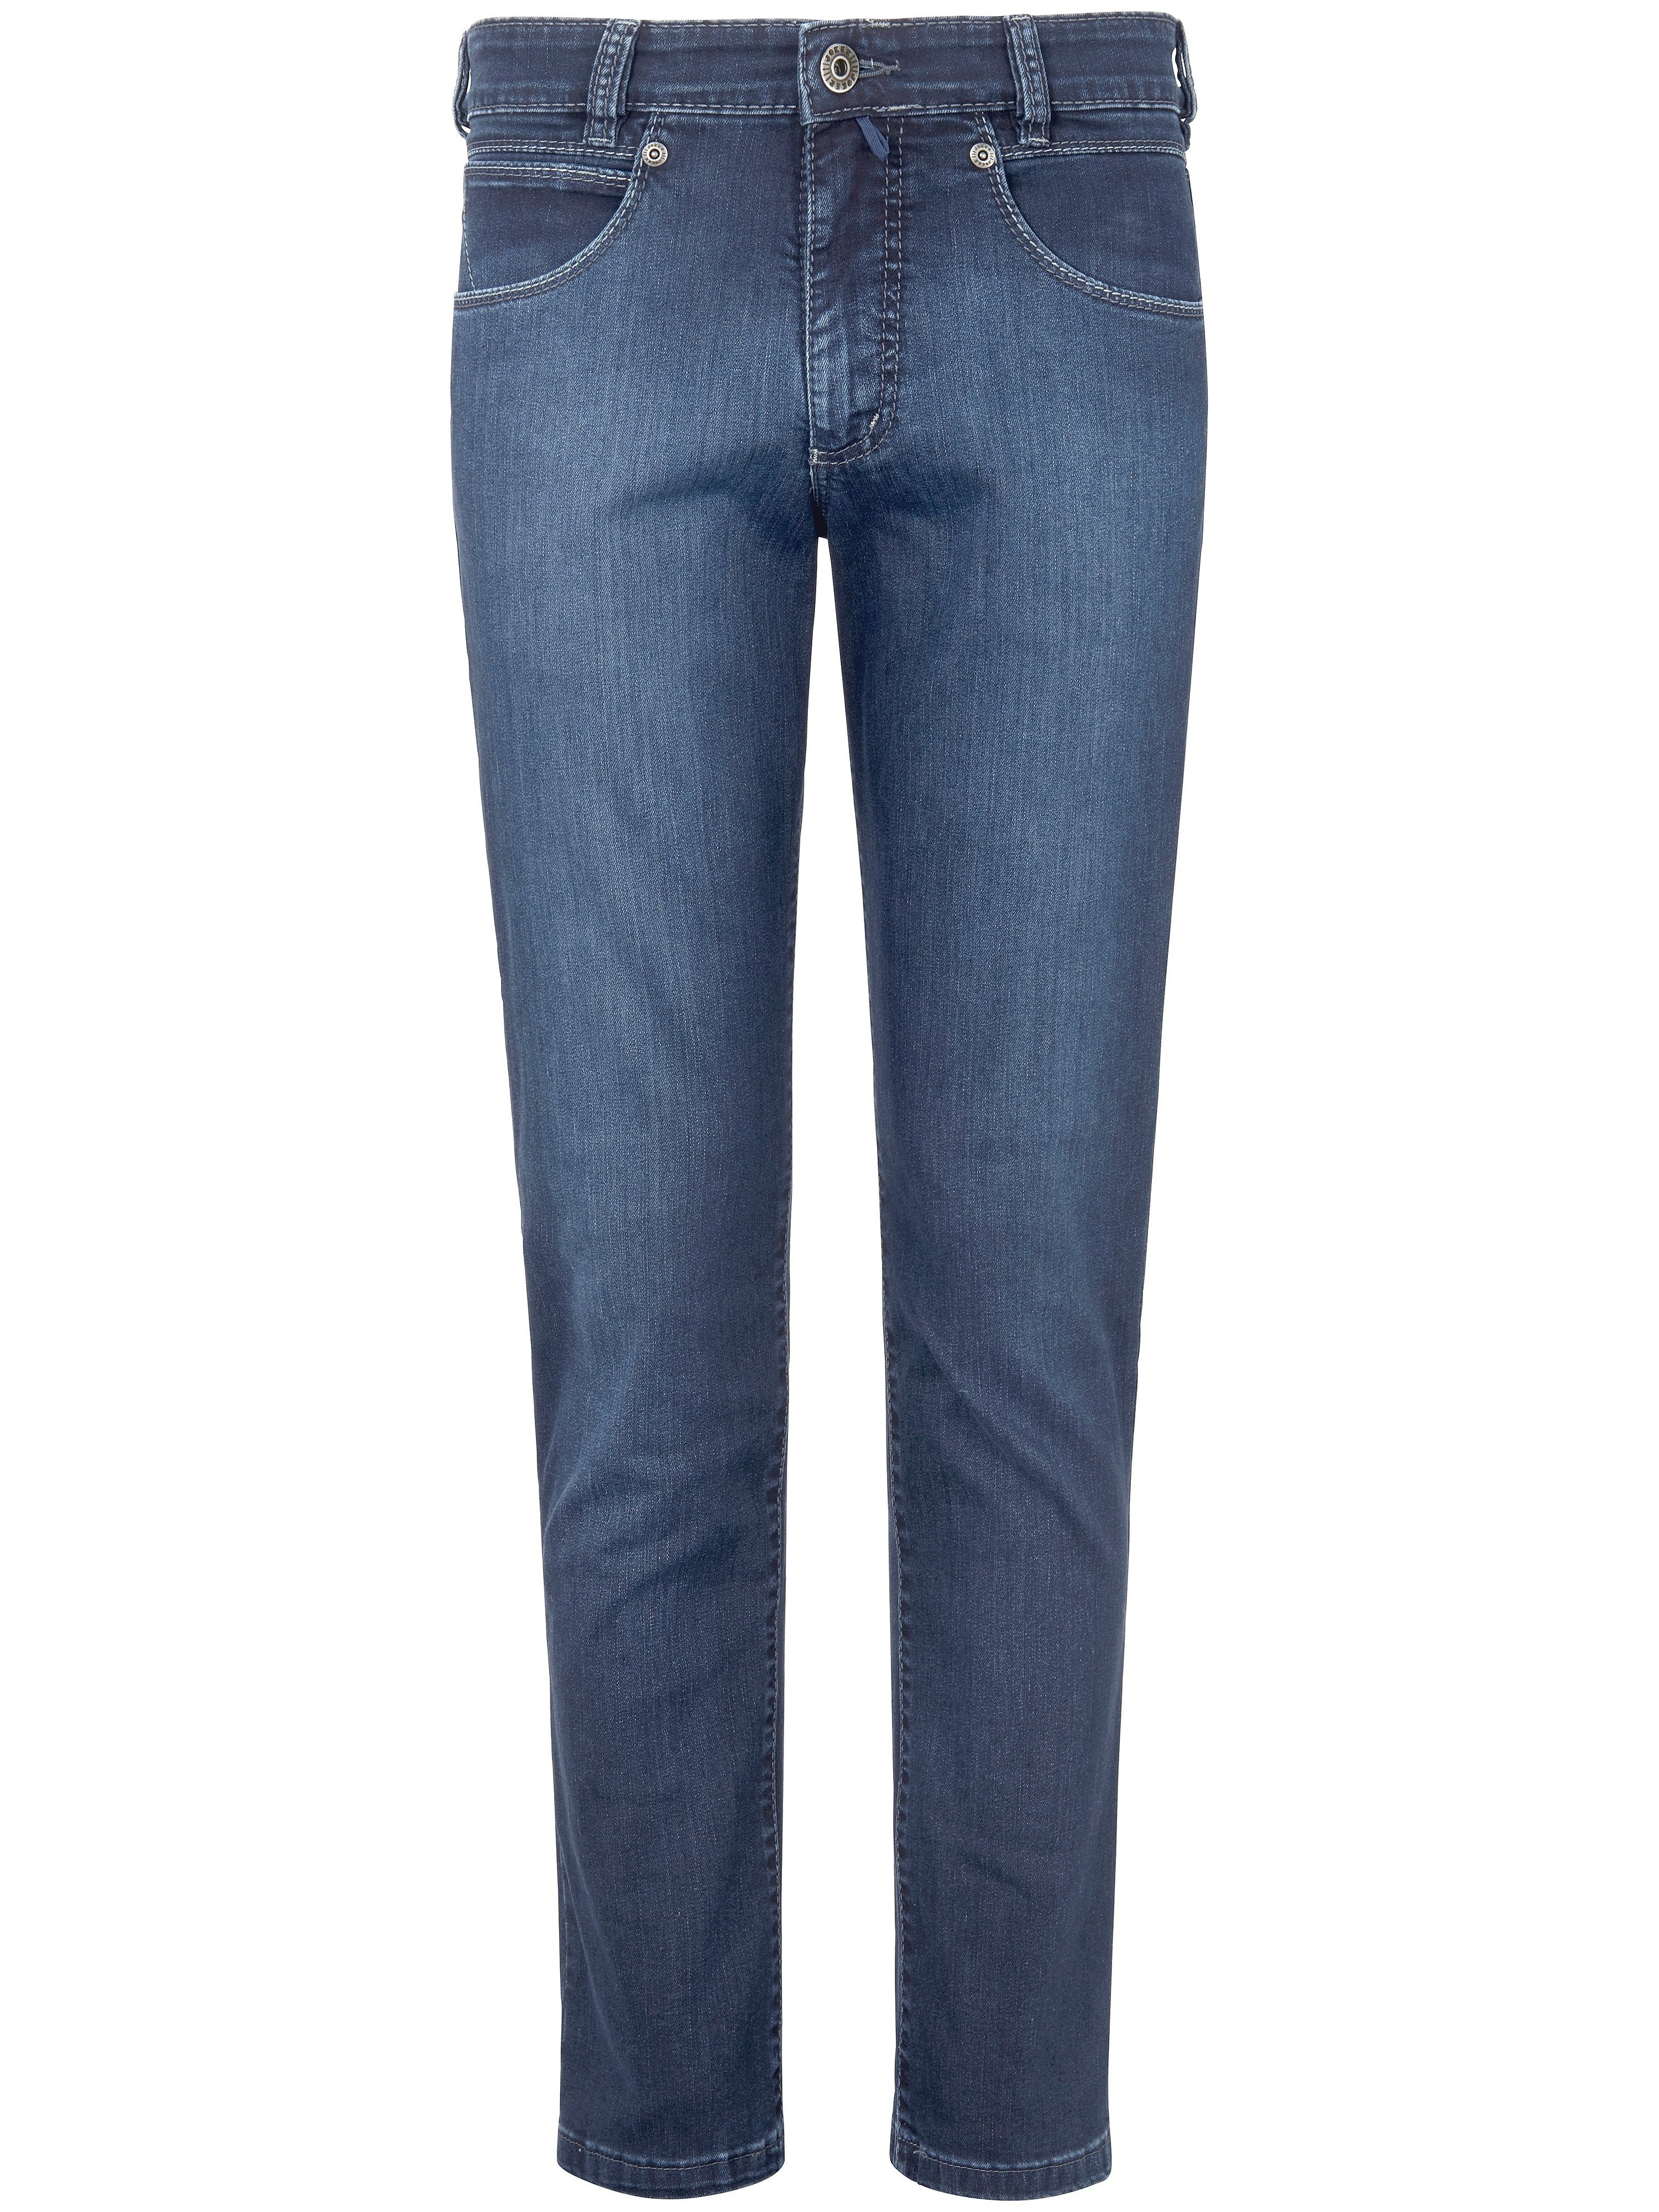 Le jean modèle Freddy  JOKER bleu taille 33